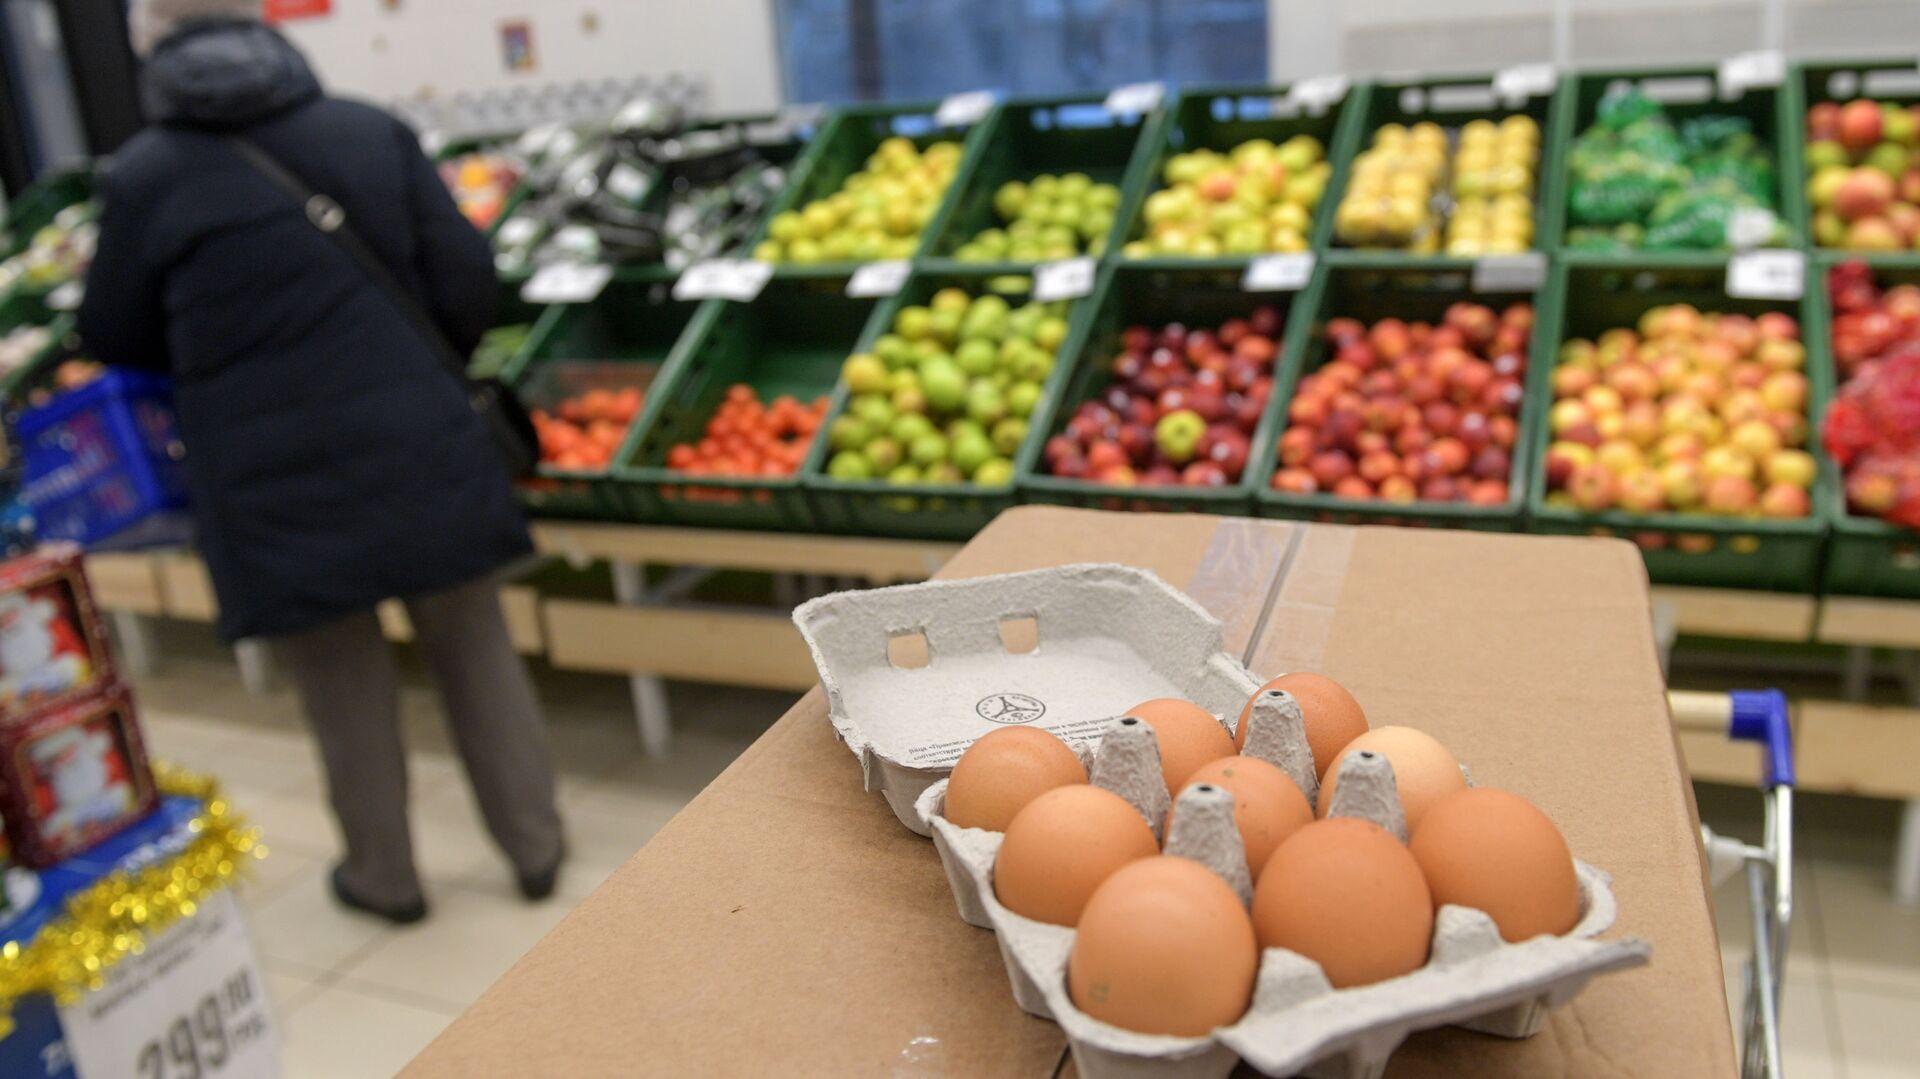 Упаковка яиц 9 штук в магазине сети Народная 7Я в Санкт-Петербурге - РИА Новости, 1920, 11.02.2021